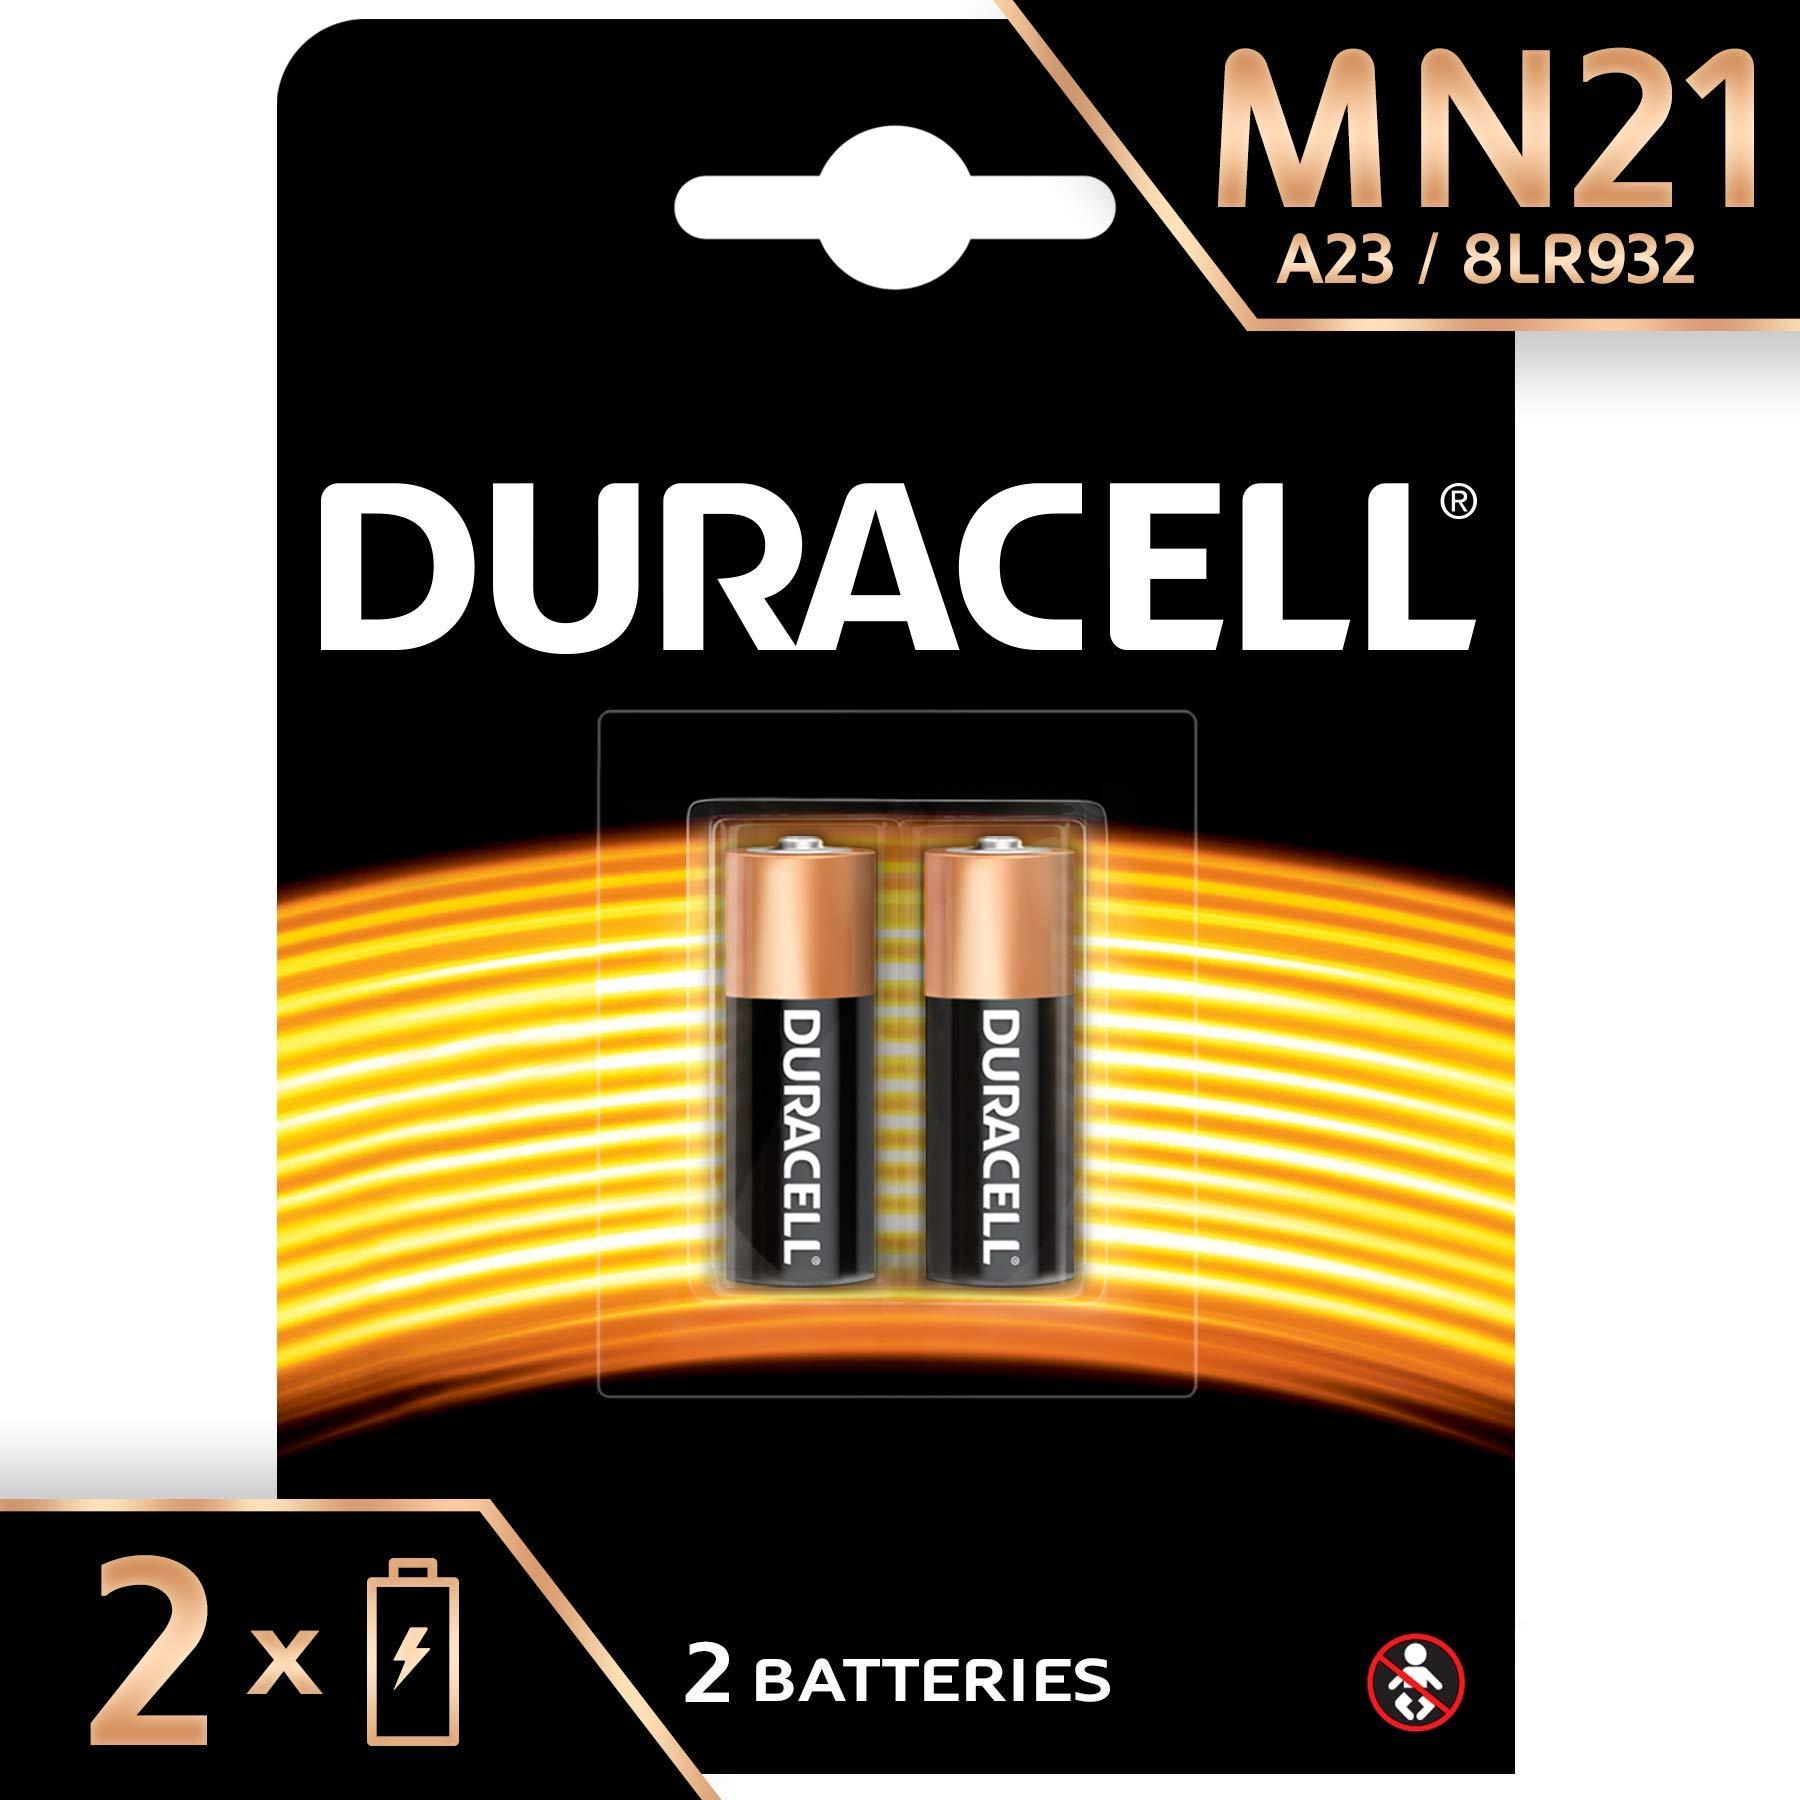 Duracell – Pilas especiales alcalinas MN21 de 12V, paquete de 2 unidades (A23 / 23A / V23GA / LRV08 / 8LR932) diseñadas para su uso en mandos a distancia, timbres inalámbricos y sistemas de seguridad